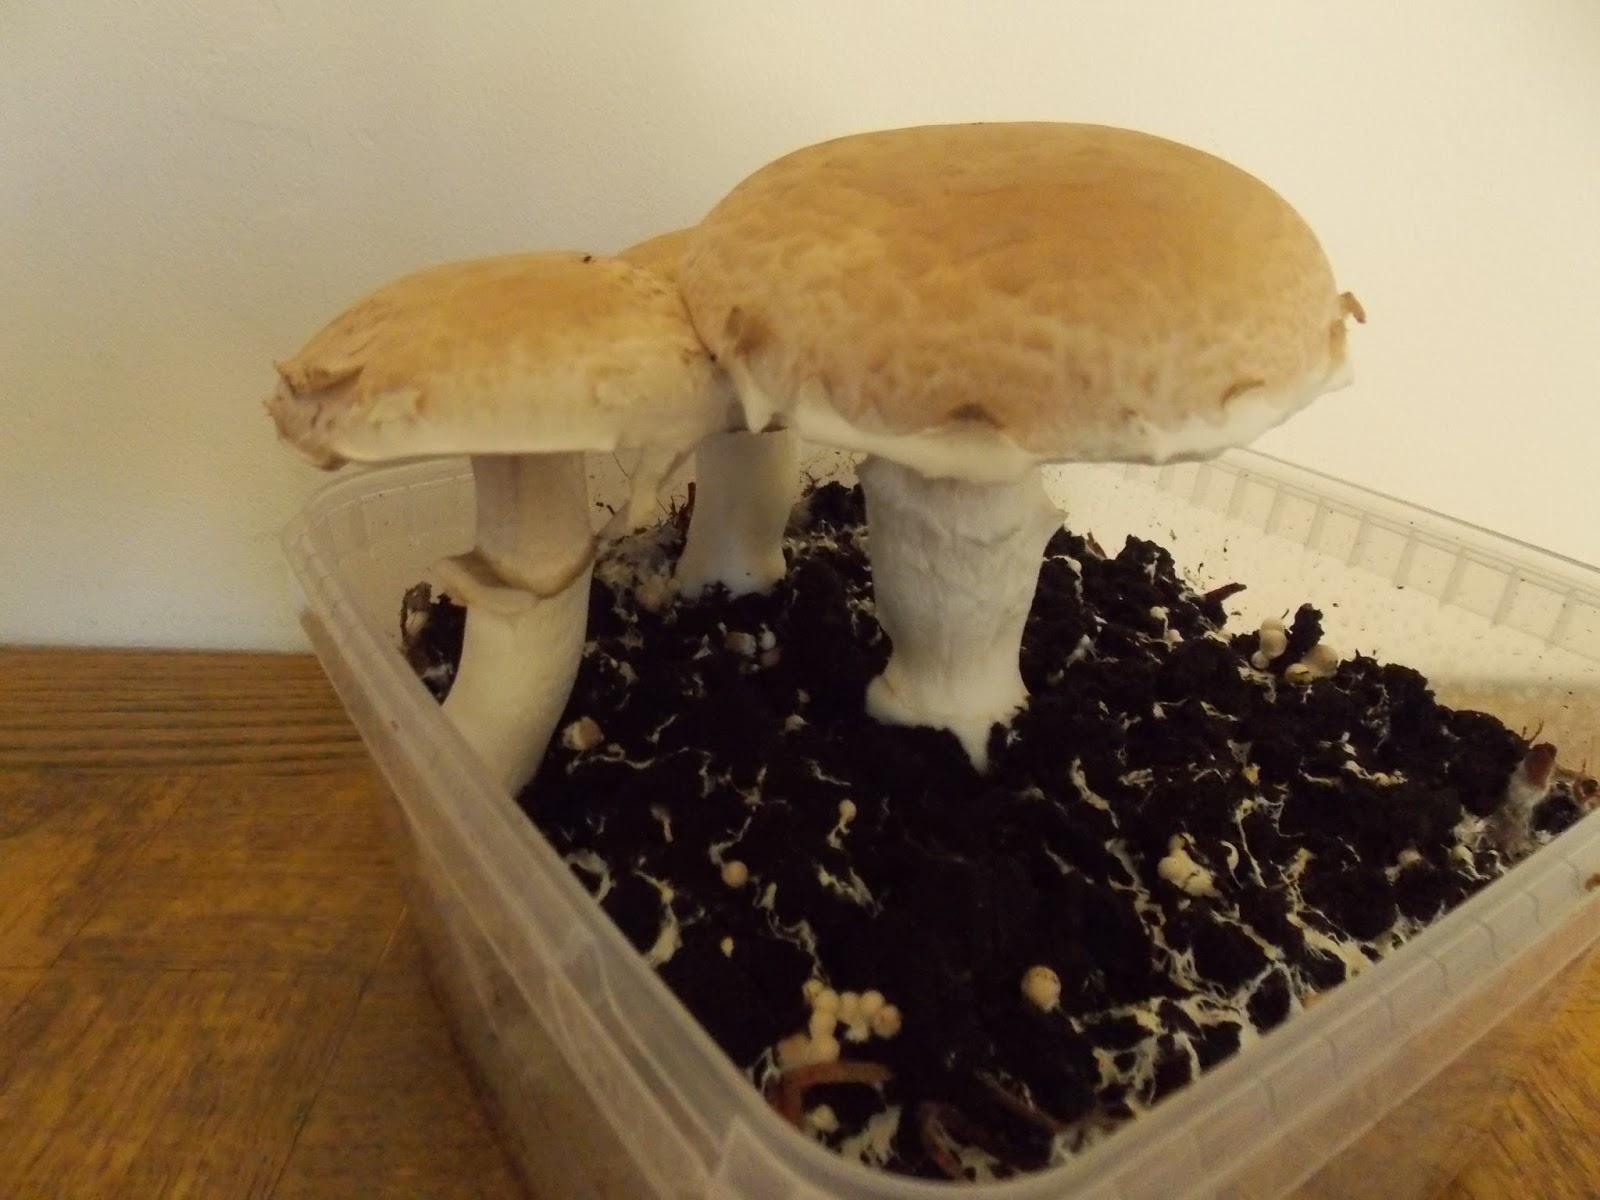 ecolo bio nature permaculture urbaine et jardinage bio cultiver des champignons dans sa cuisine. Black Bedroom Furniture Sets. Home Design Ideas